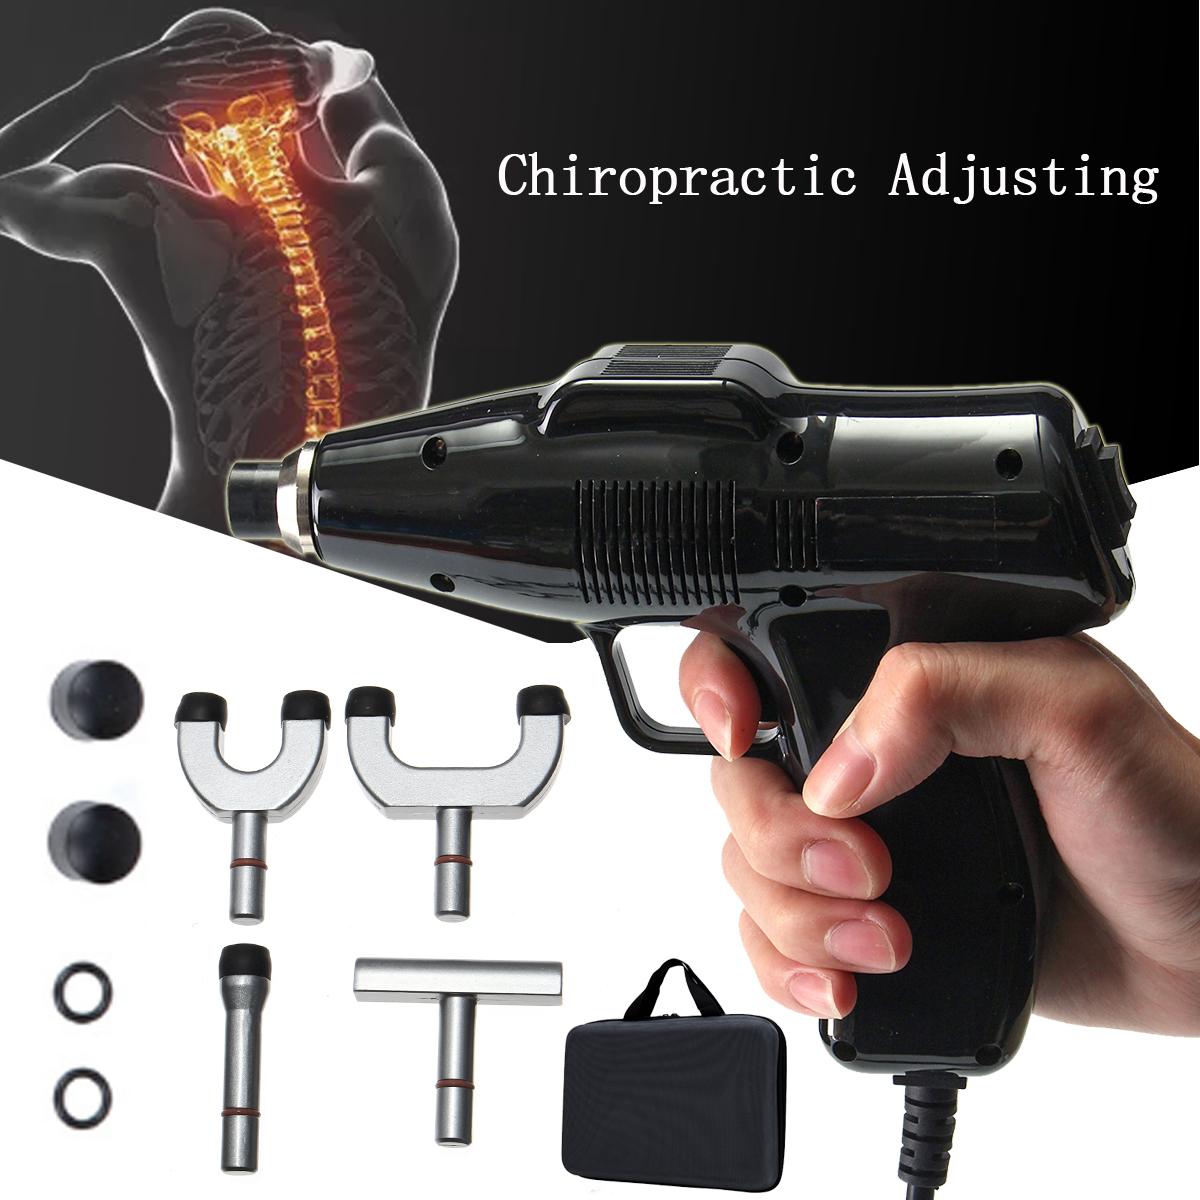 Chiropractic Hand Held Back Pulsator